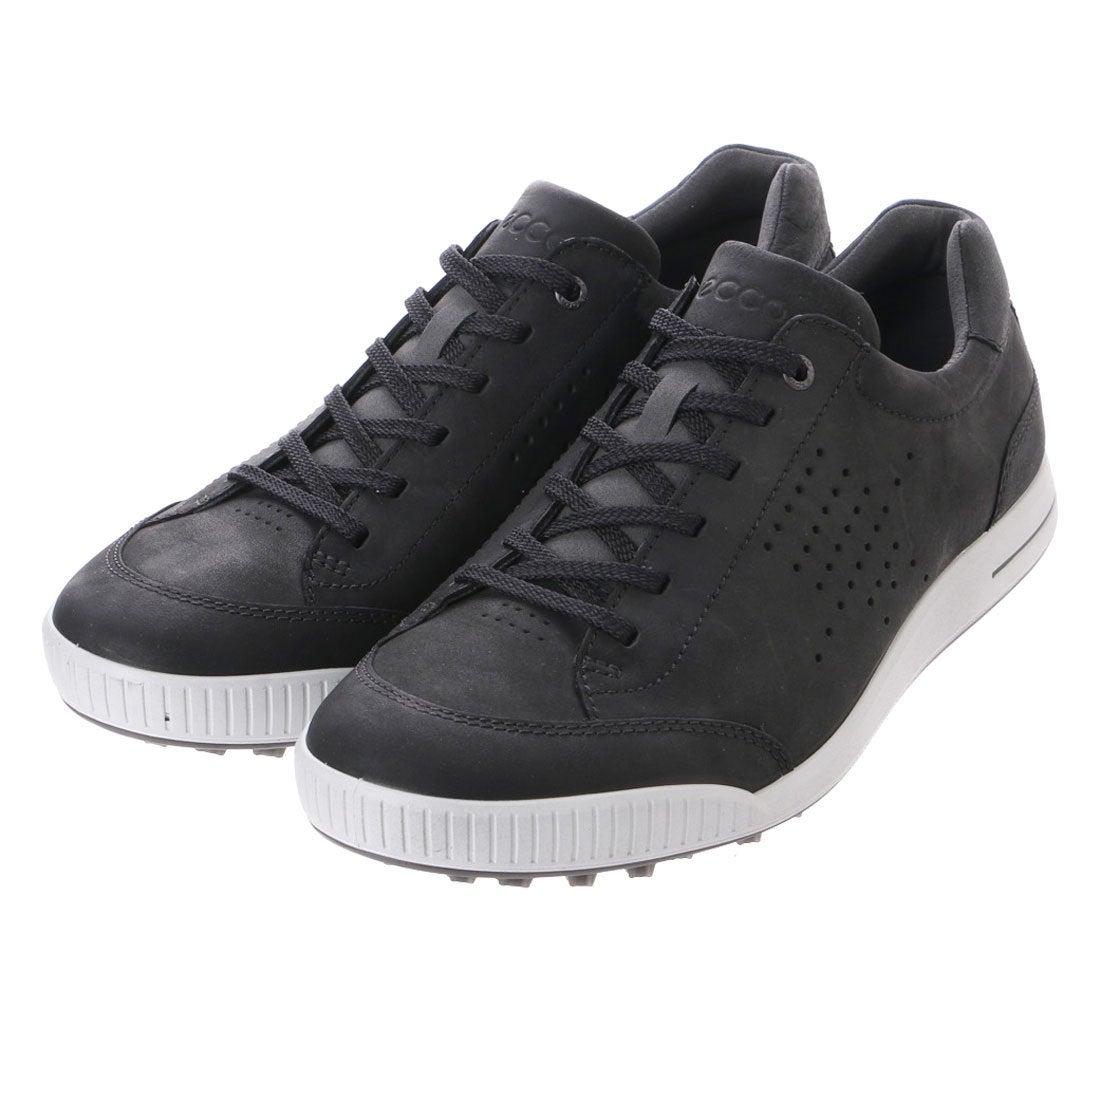 ロコンド 靴とファッションの通販サイトエコー ECCO MEN'S GOLF STREET RETRO (Black)